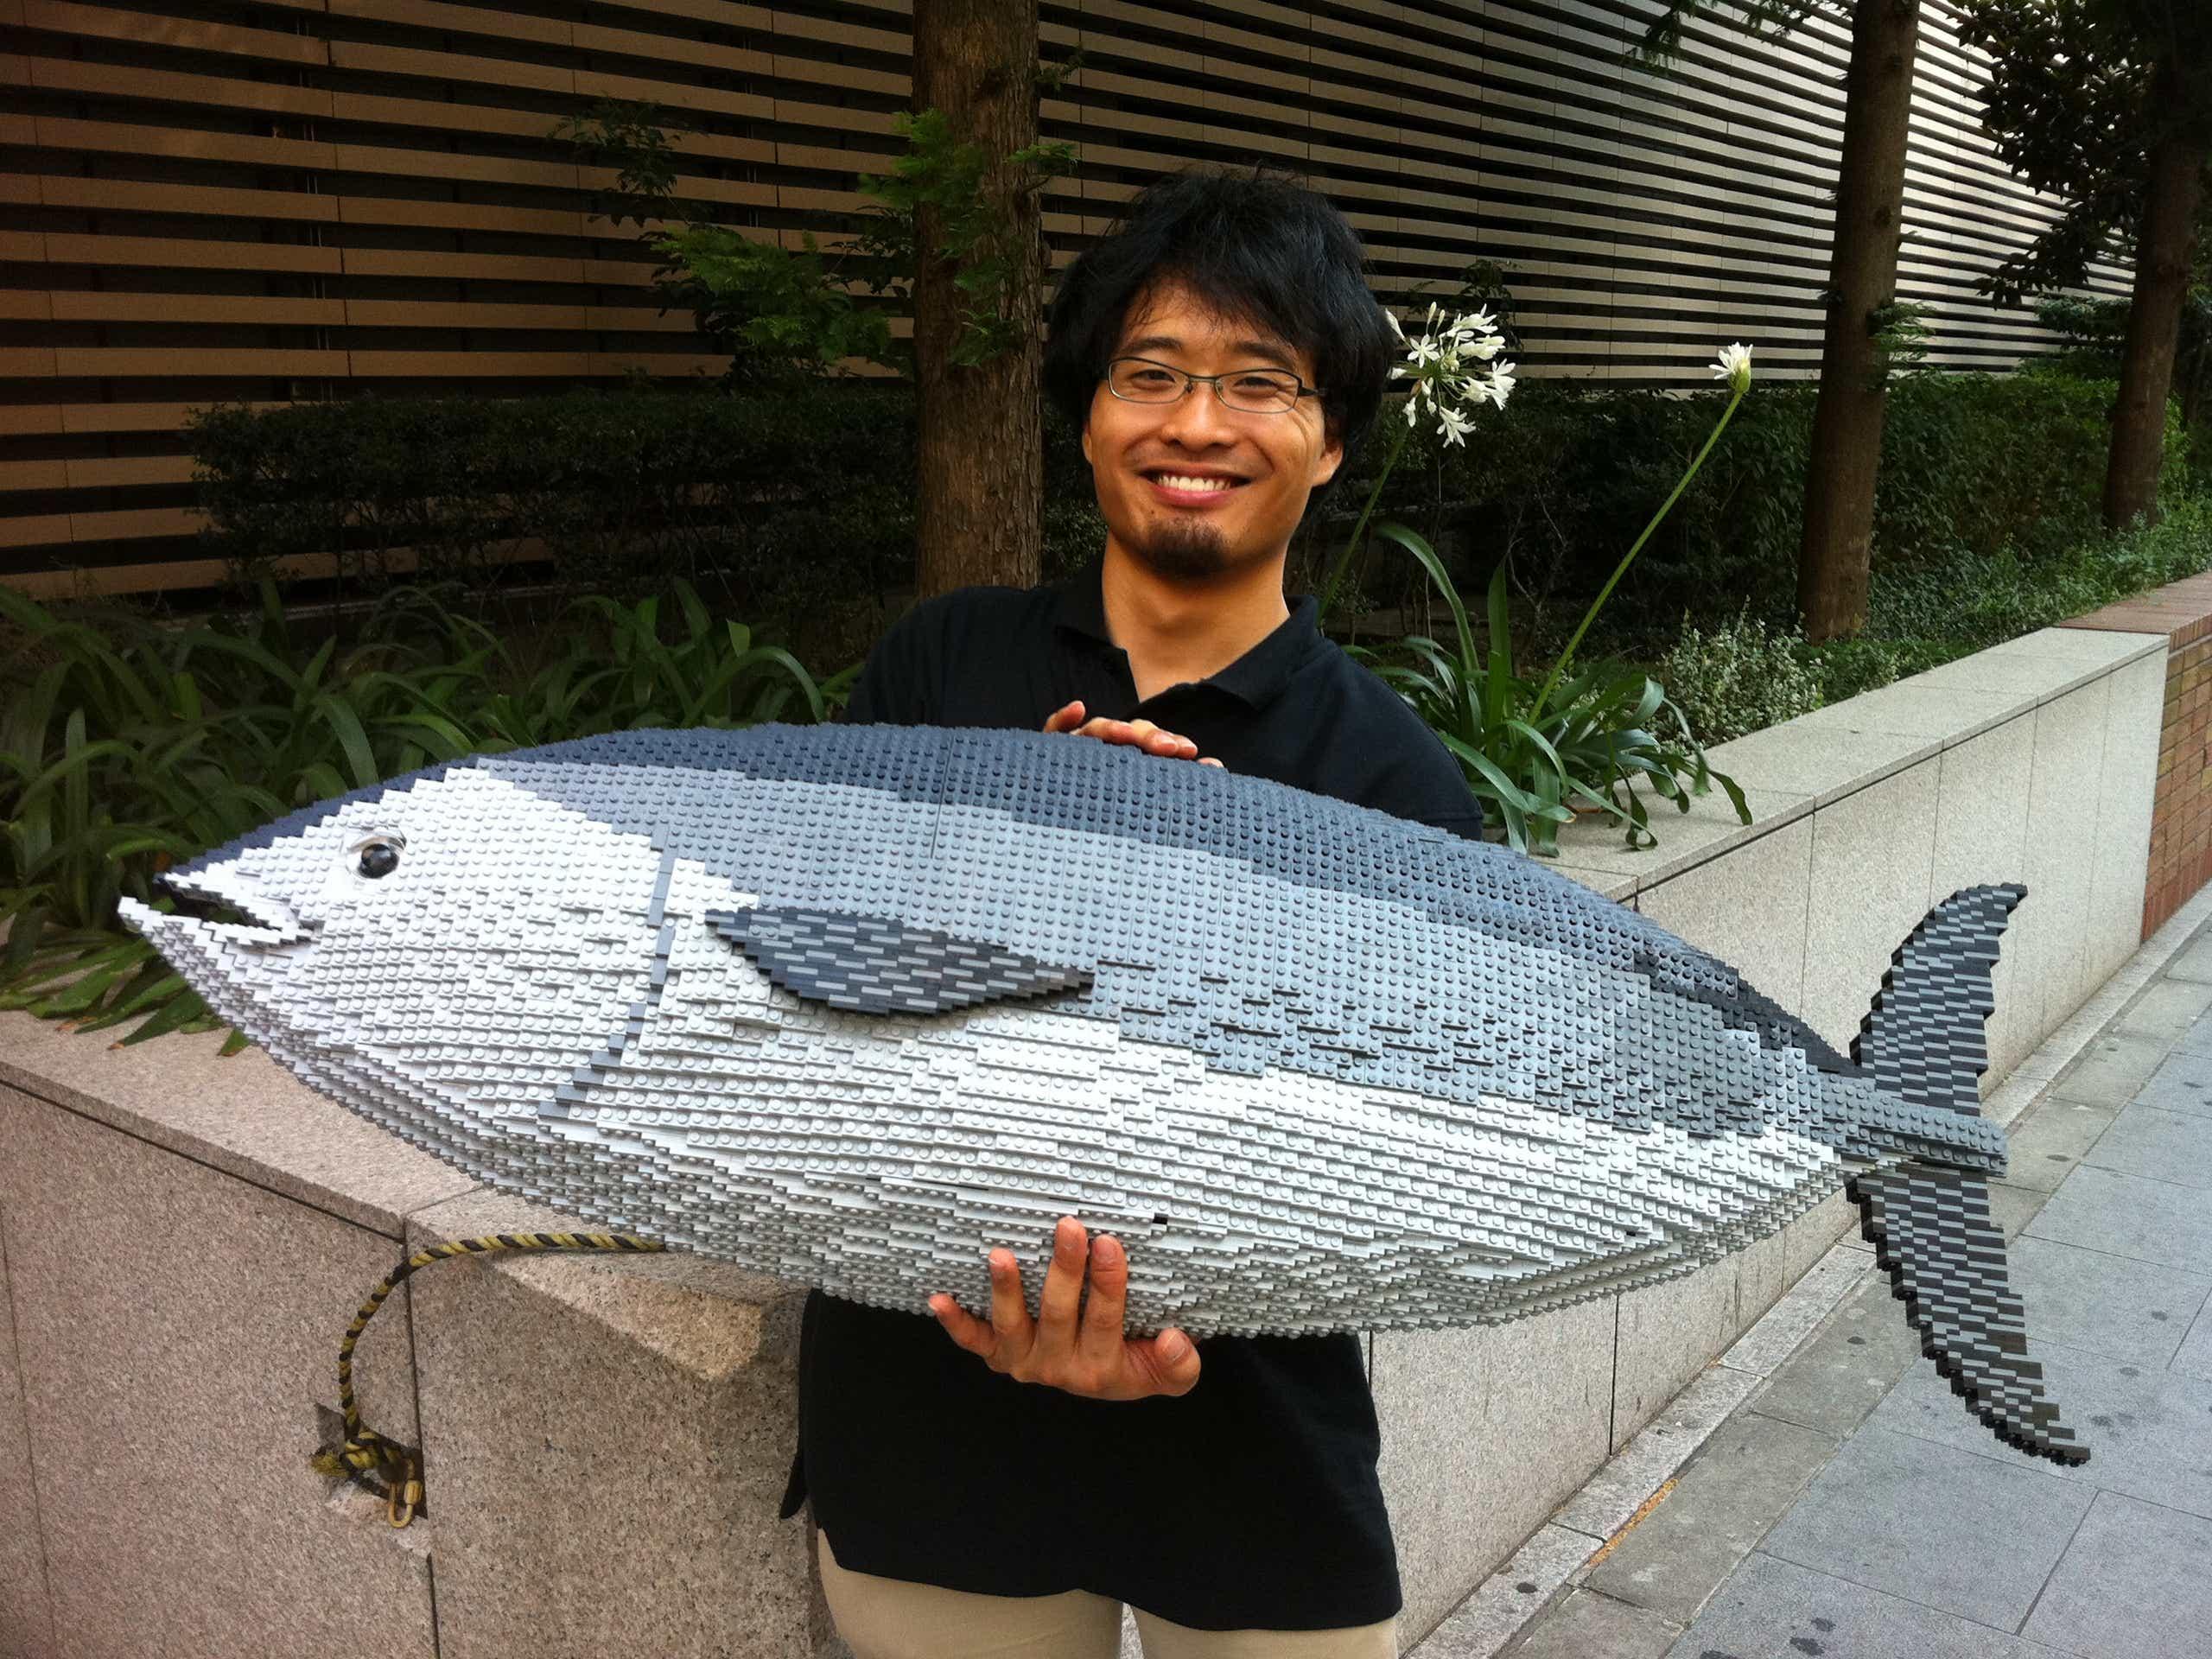 Uomo in posa con un modello LEGO di un grande pesce